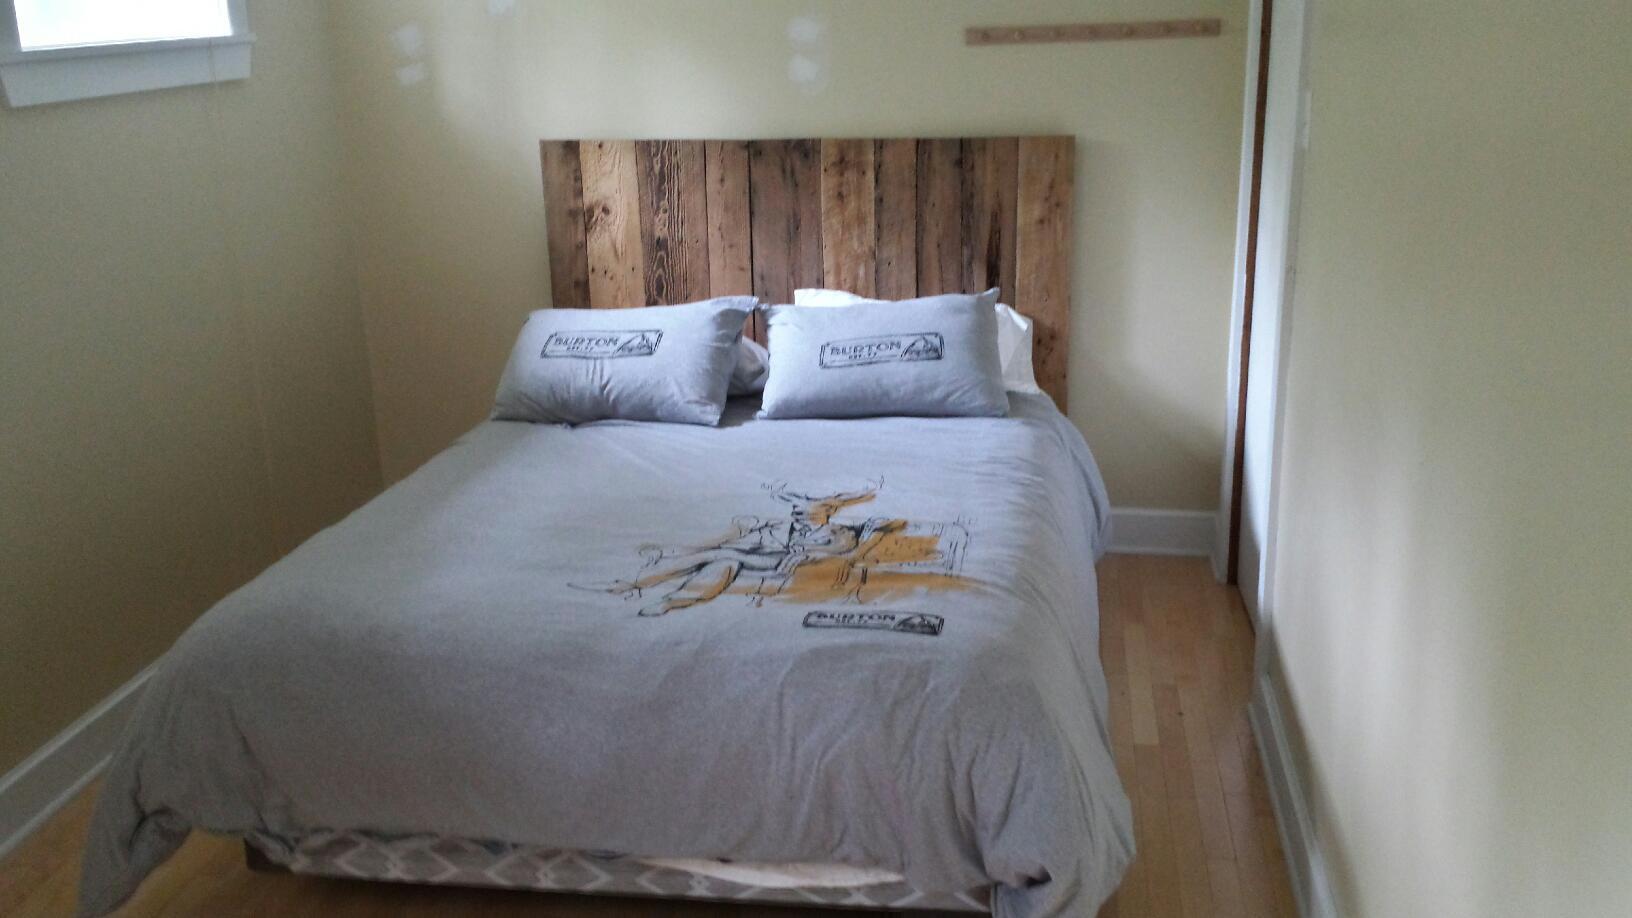 pin lit bois de futon dans adulte achetez au meilleur prix avec on pinterest. Black Bedroom Furniture Sets. Home Design Ideas